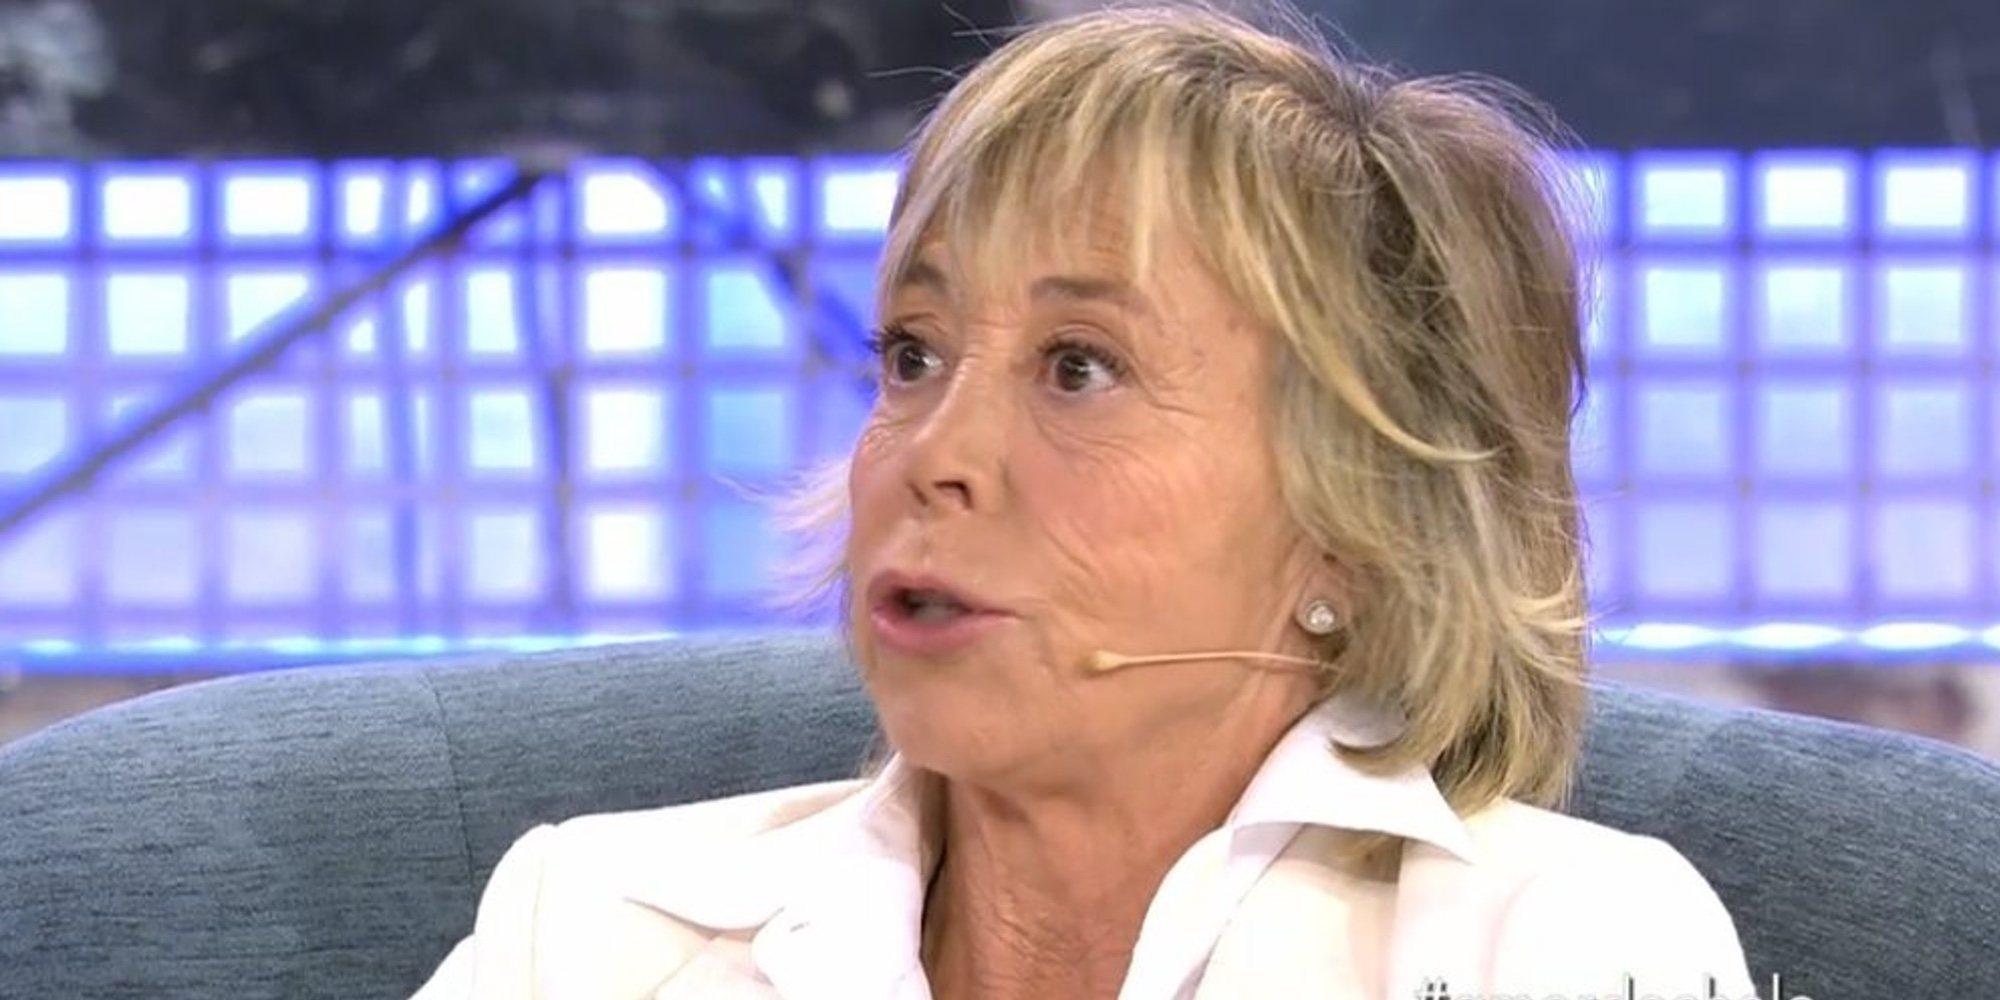 La rentable primera entrevista en televisión de Marta Roca: esto es lo que ganó la mujer de Chelo García Cortes por su Deluxe